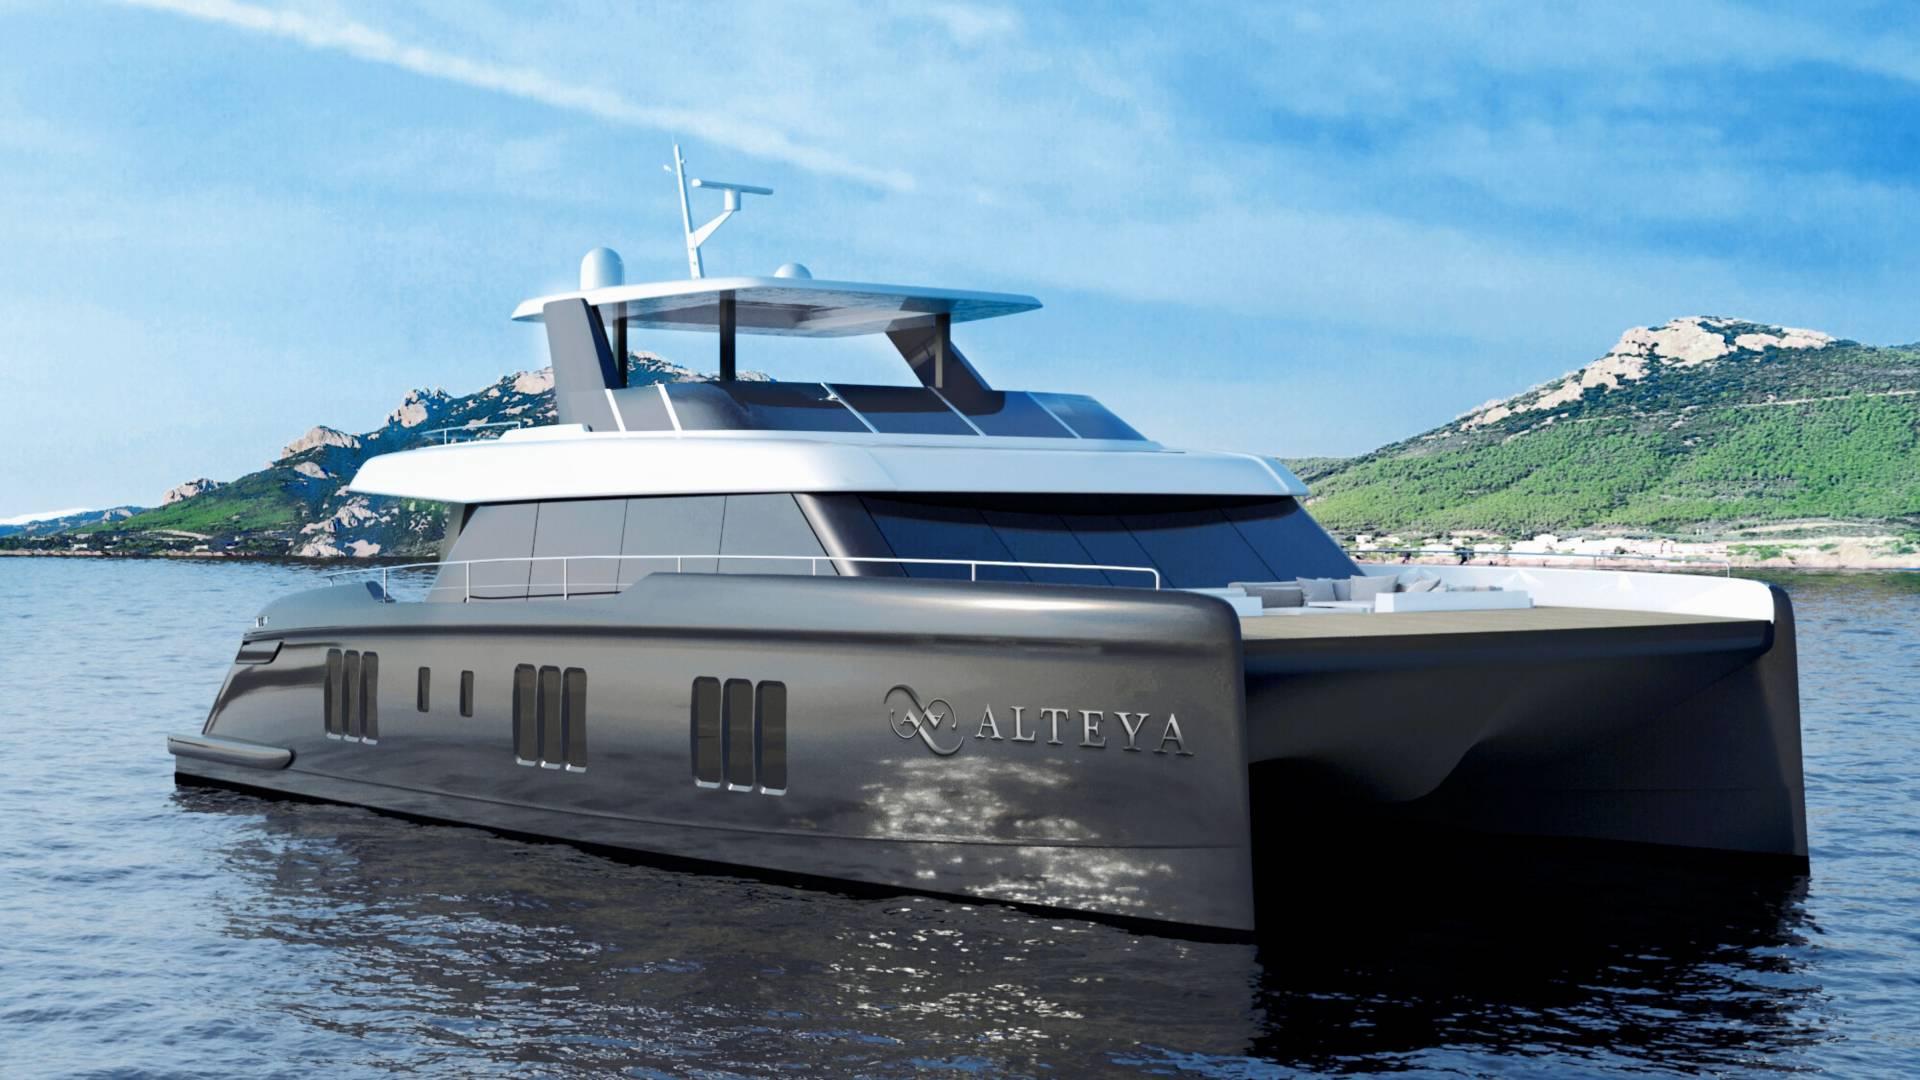 Catamaran ALTEYA Rendering